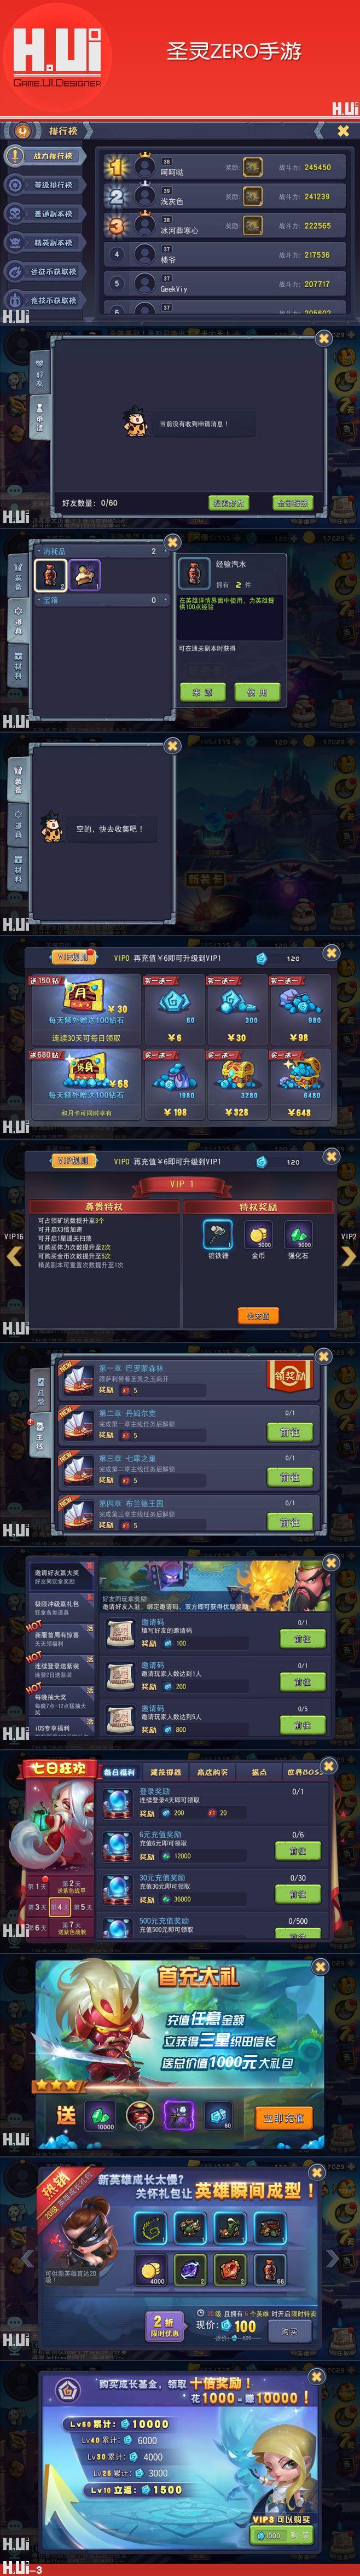 圣灵ZERO 手游 #游戏UI#